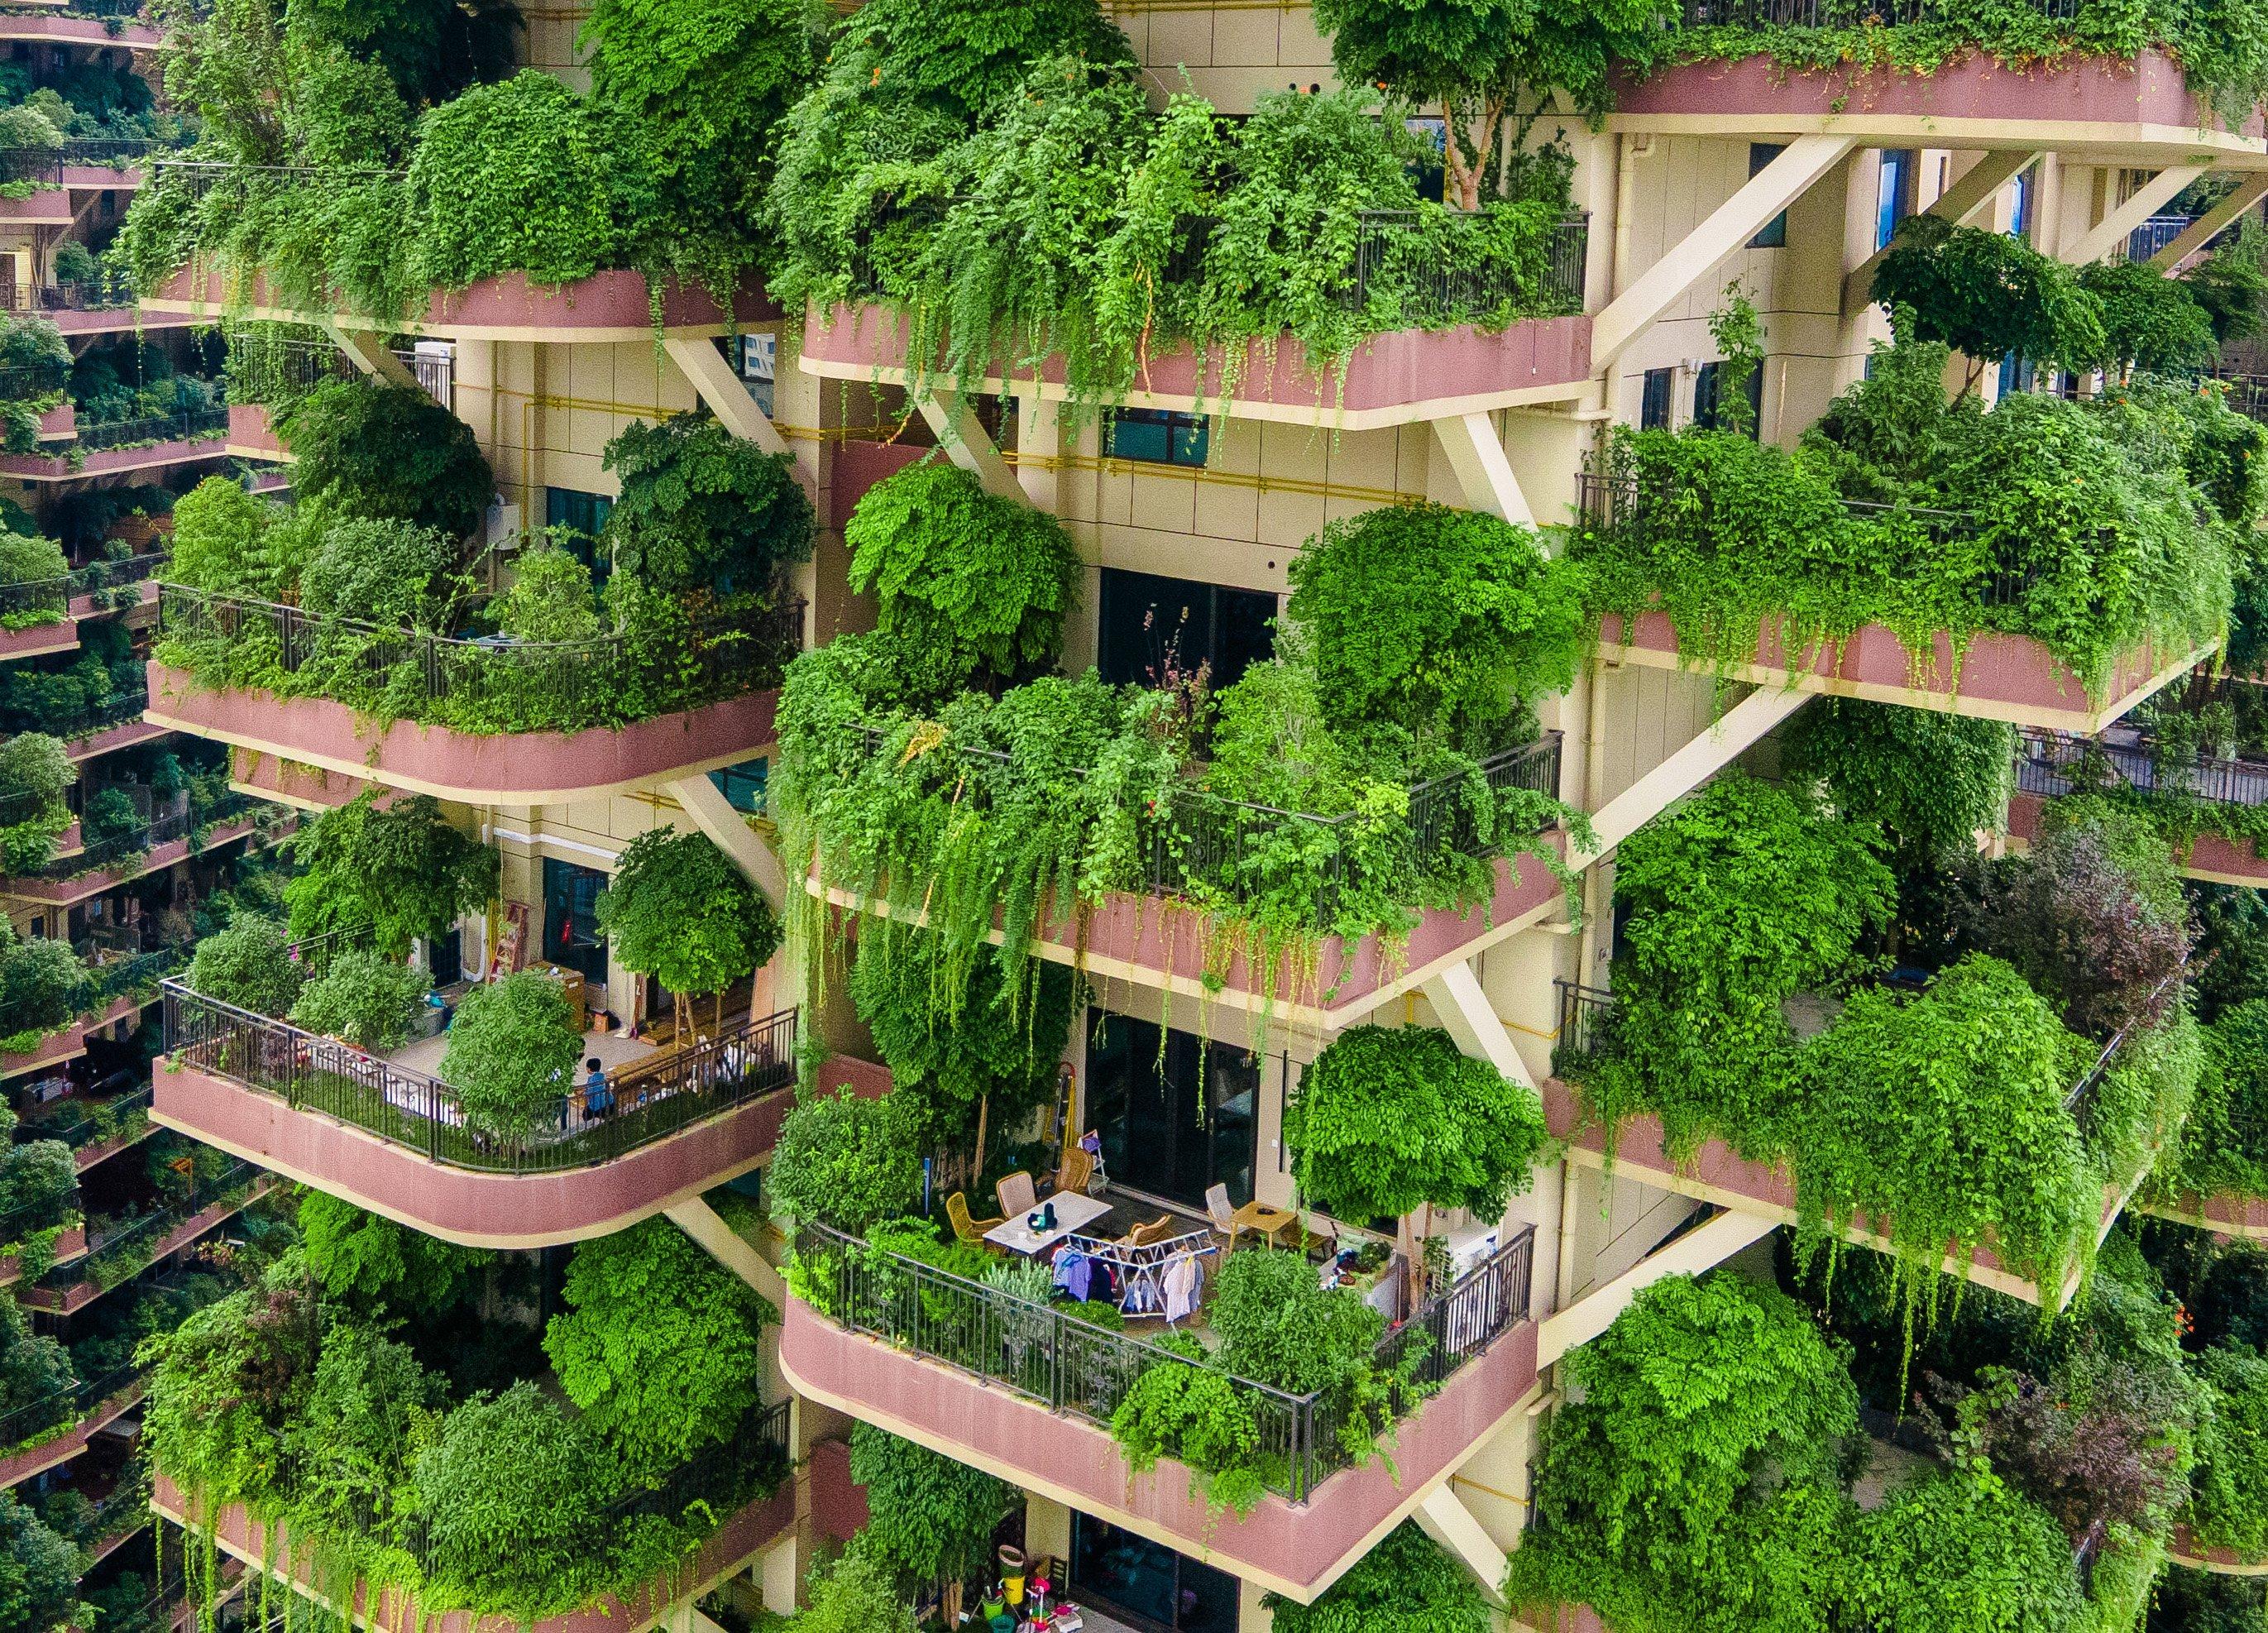 Apartamentos com varandas cobertas por plantas em conjunto residencial em Chengdu, província de Sichuan, no sudoeste da China